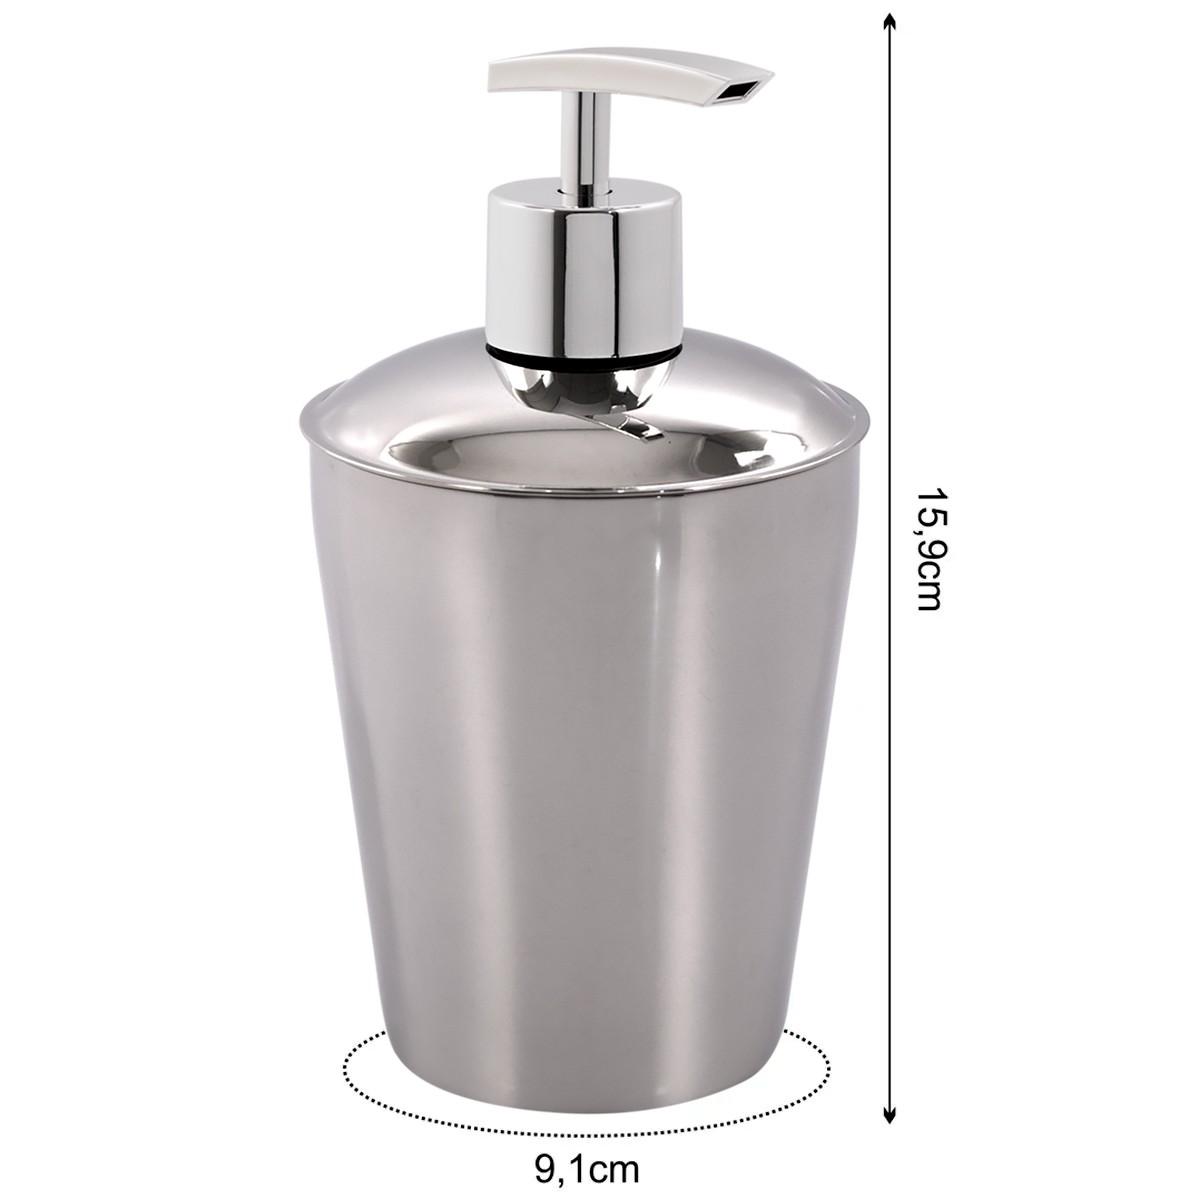 Suporte Sabonete Liquido Spa Aço Inox - Prata